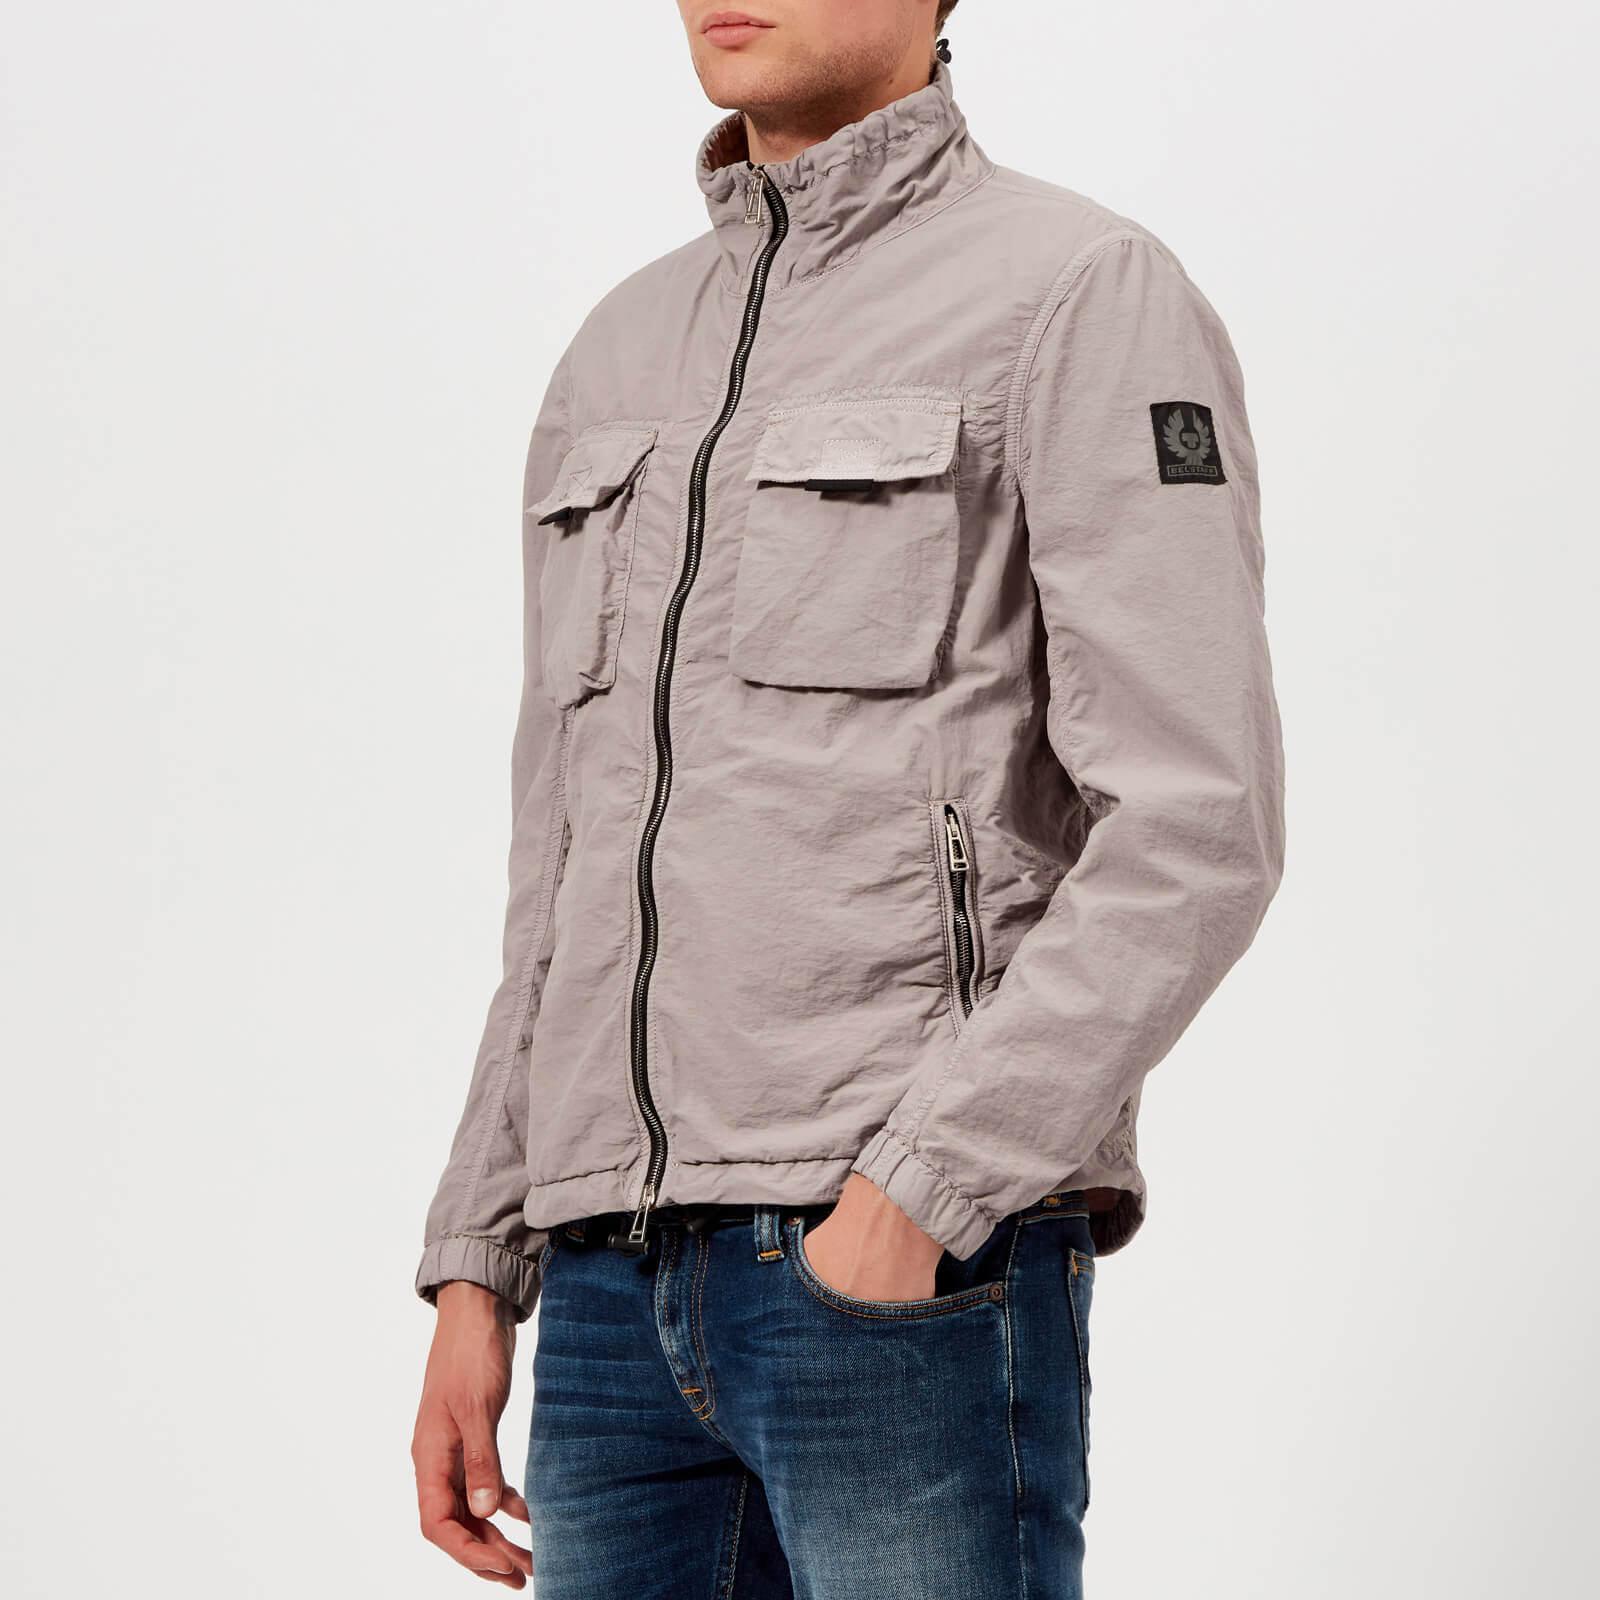 c82099ad3d9b Belstaff Pendeen Jacket in Pink for Men - Lyst